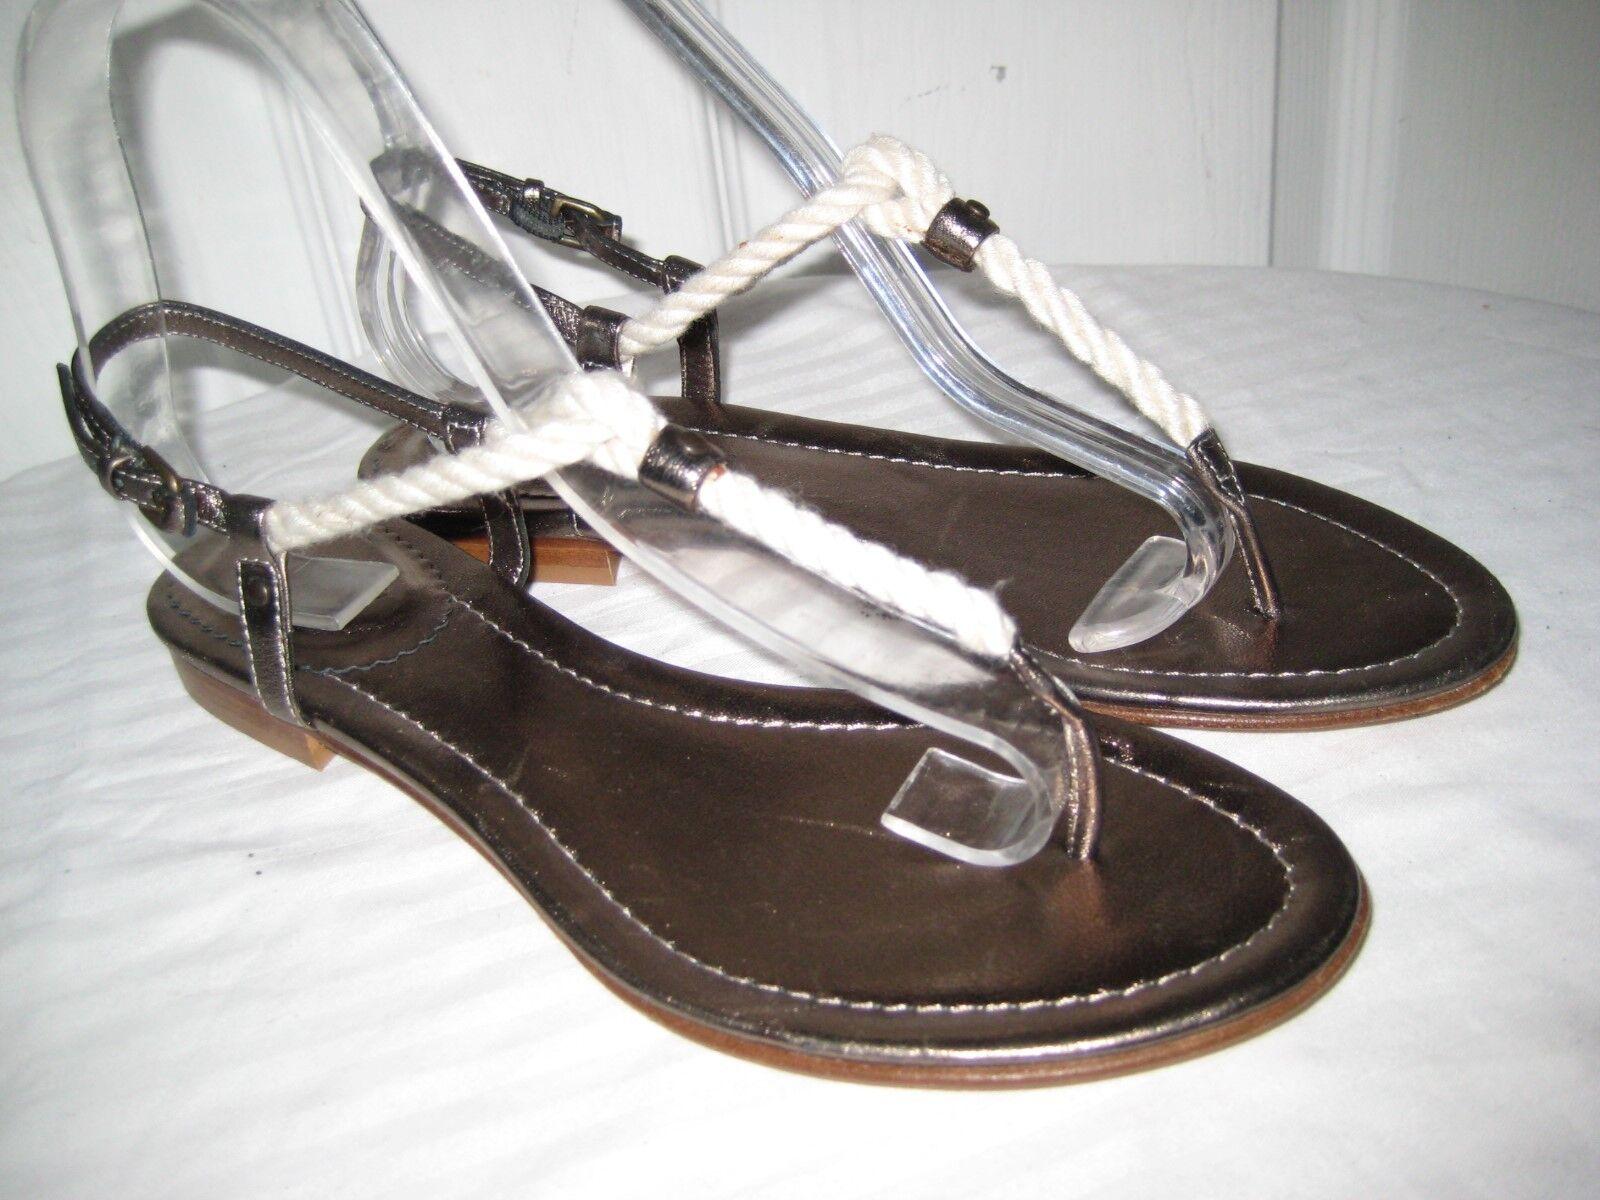 J. Crew Genuino Cuero Correa T sandalias zapatos para mujeres tamaño 7 Hecho en Italia.